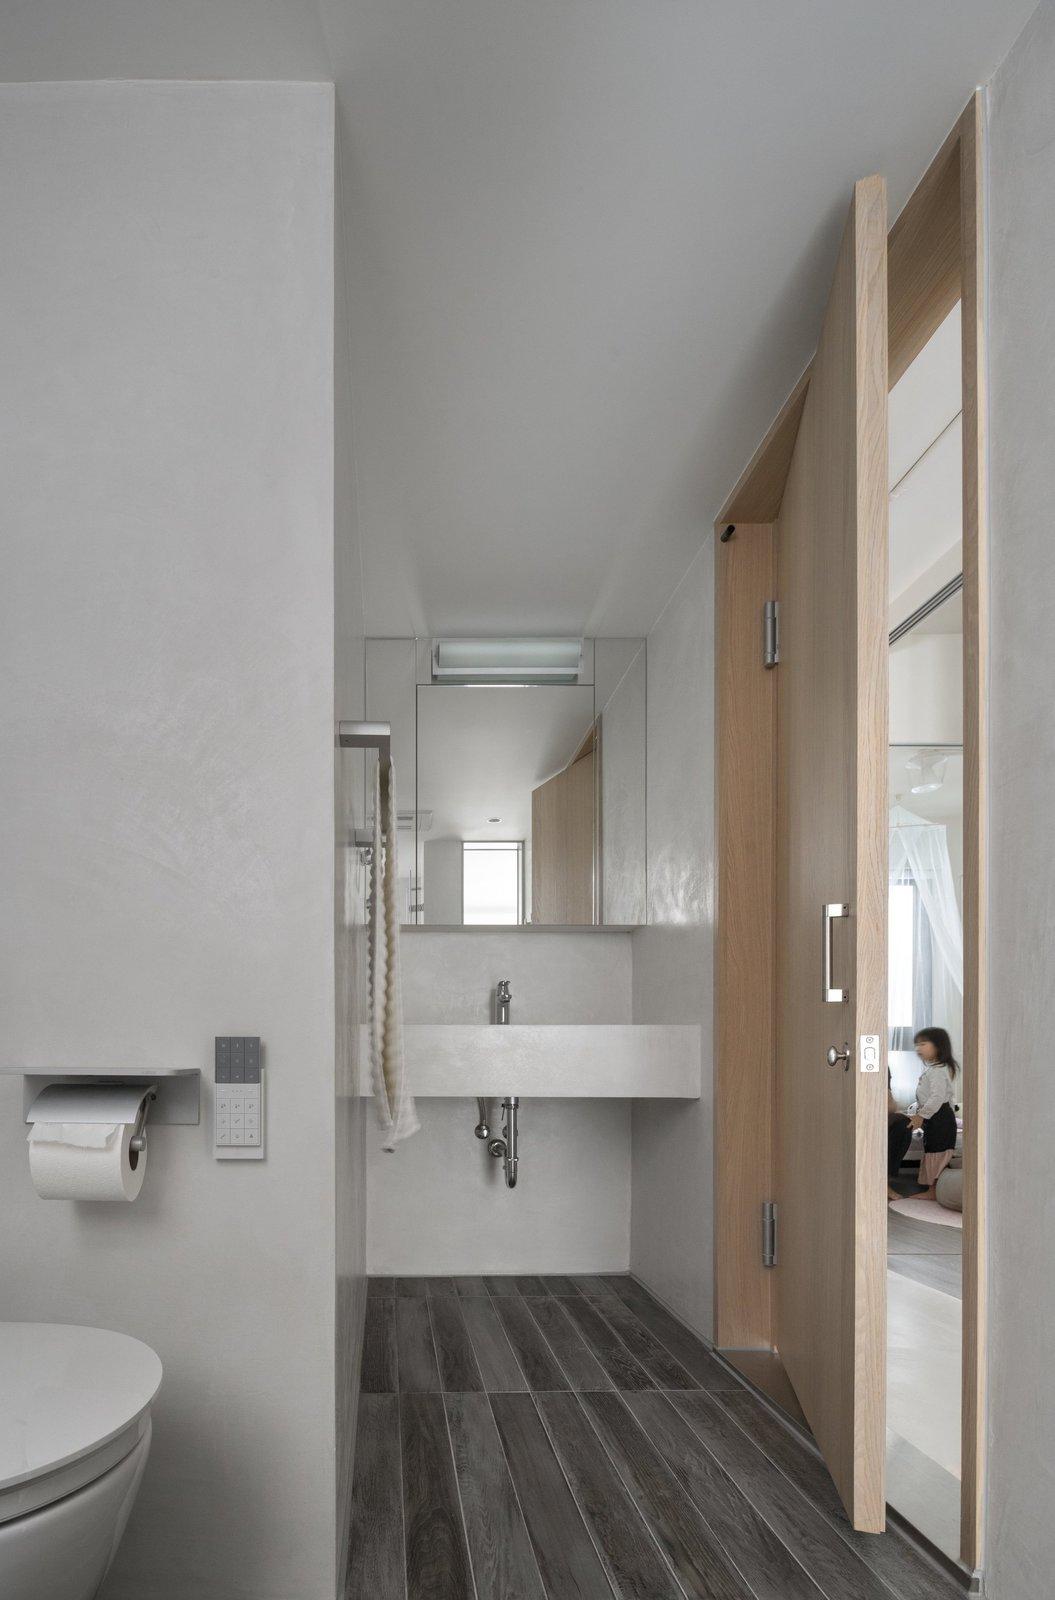 Slate Floor, Chair, and Bath Room  Backlight Apartment